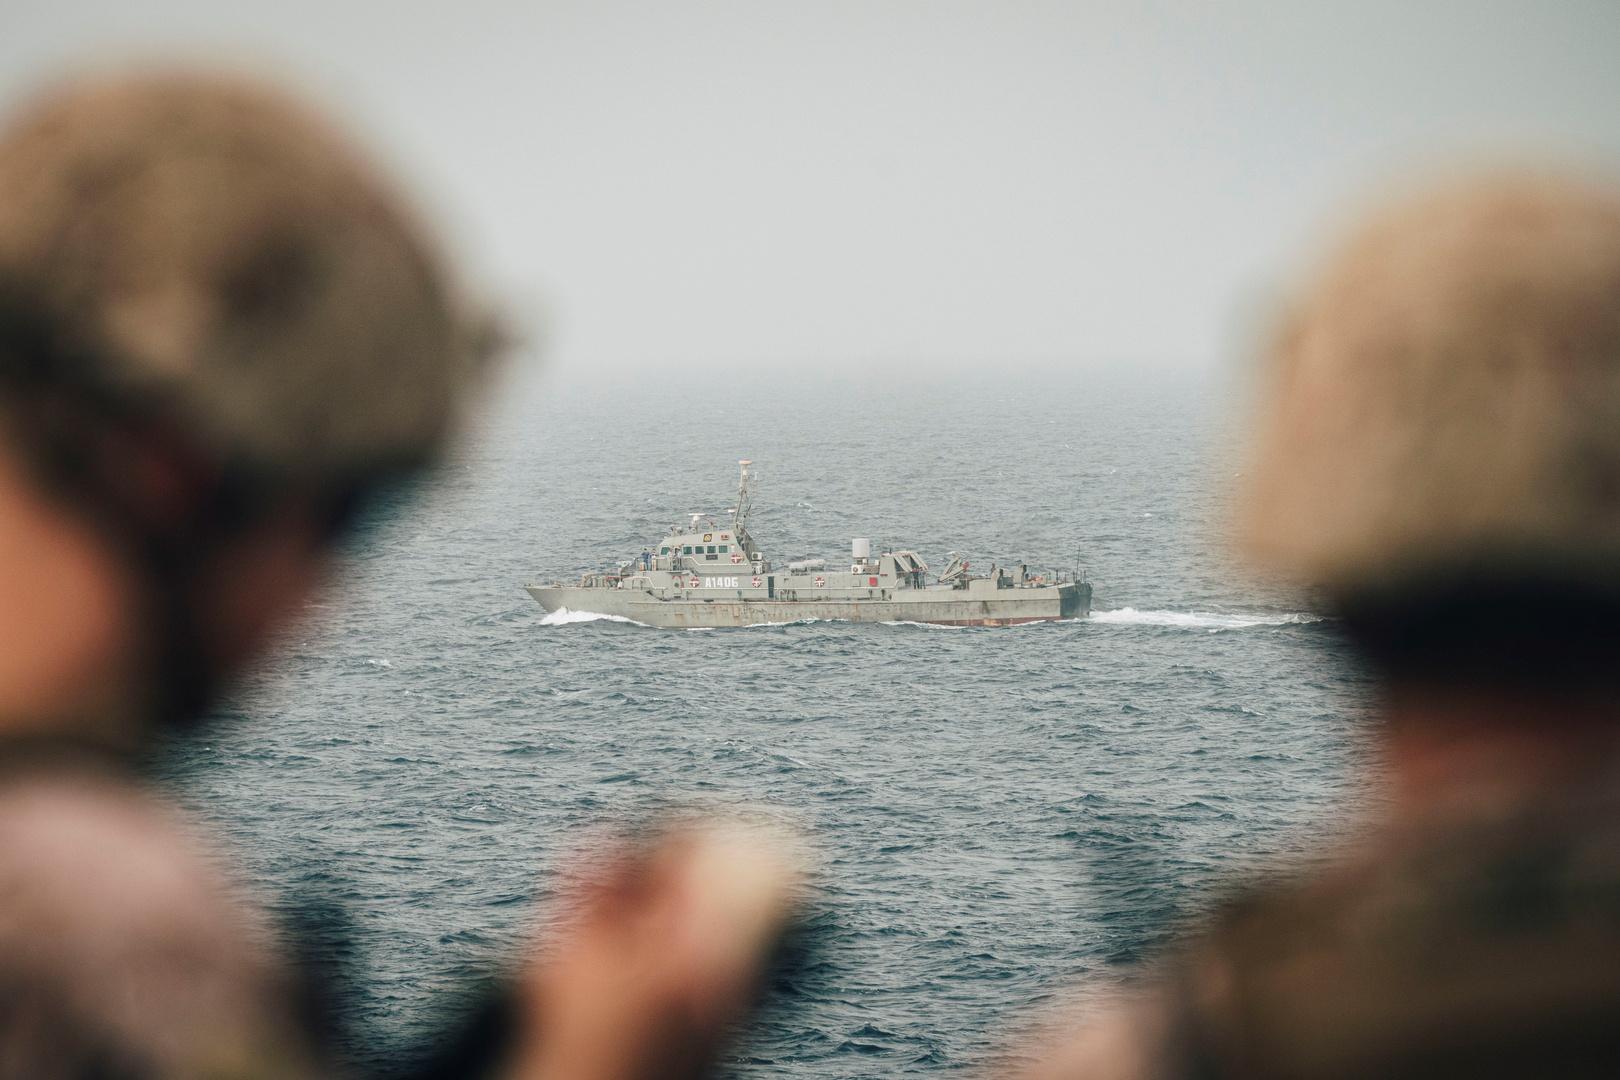 إيران تعلن تسيير دوريات في البحر الأحمر لحماية سفنها التجارية